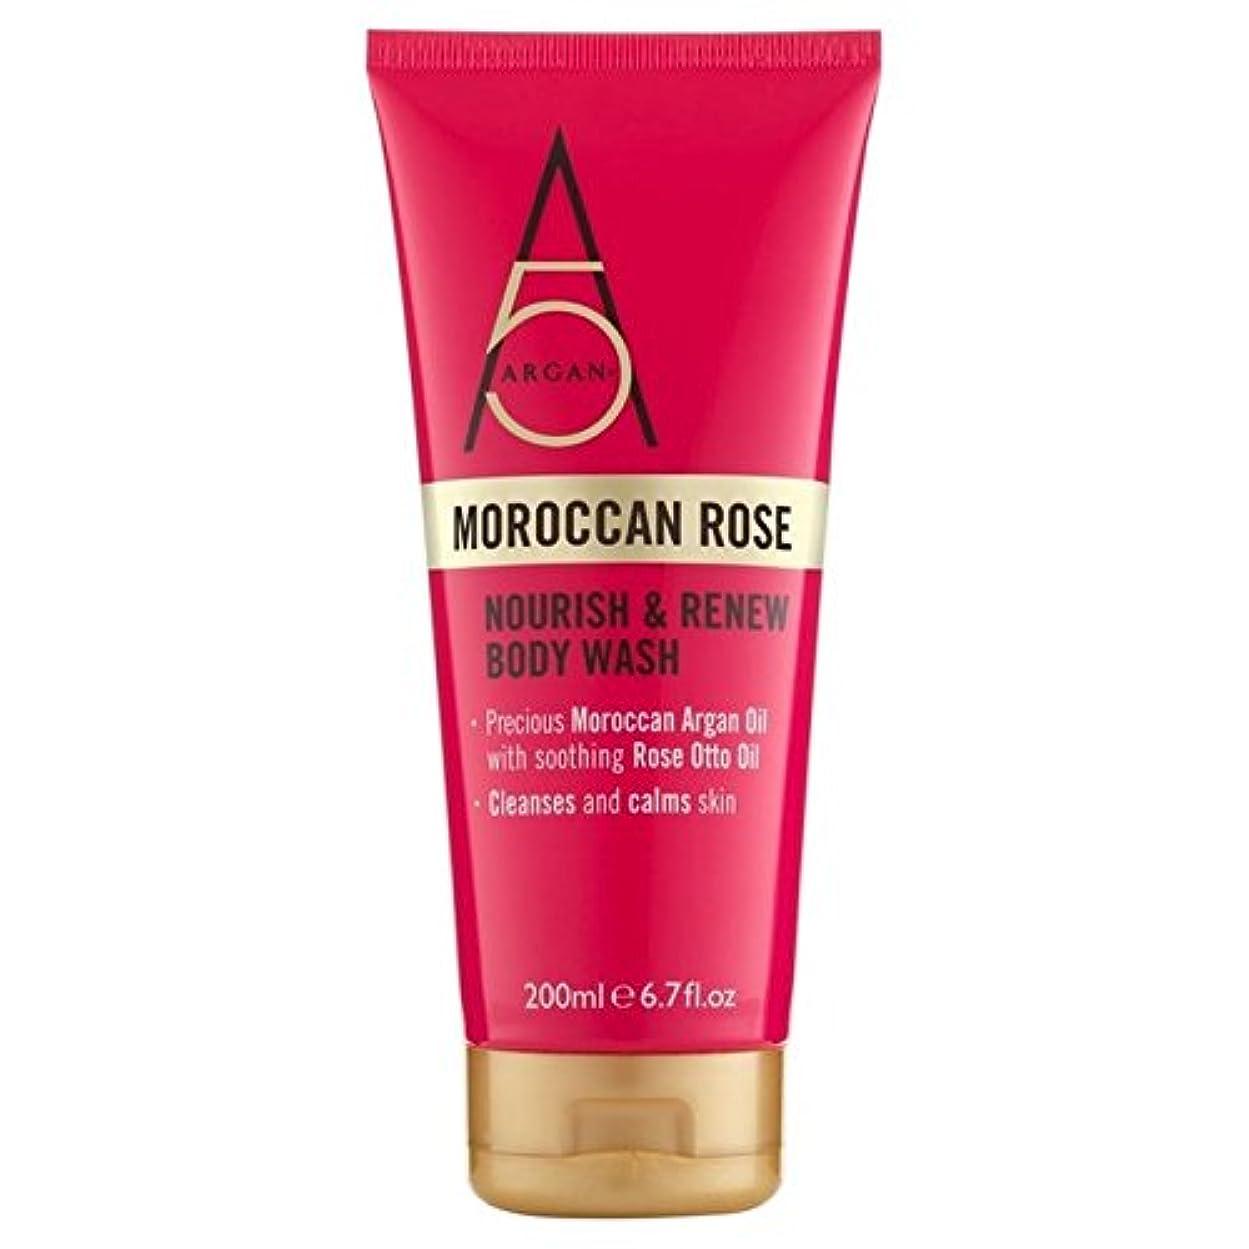 遺体安置所すごいモディッシュアルガン+モロッコは、ボディウォッシュ300ミリリットルをバラ x4 - Argan+ Moroccan Rose Body Wash 300ml (Pack of 4) [並行輸入品]